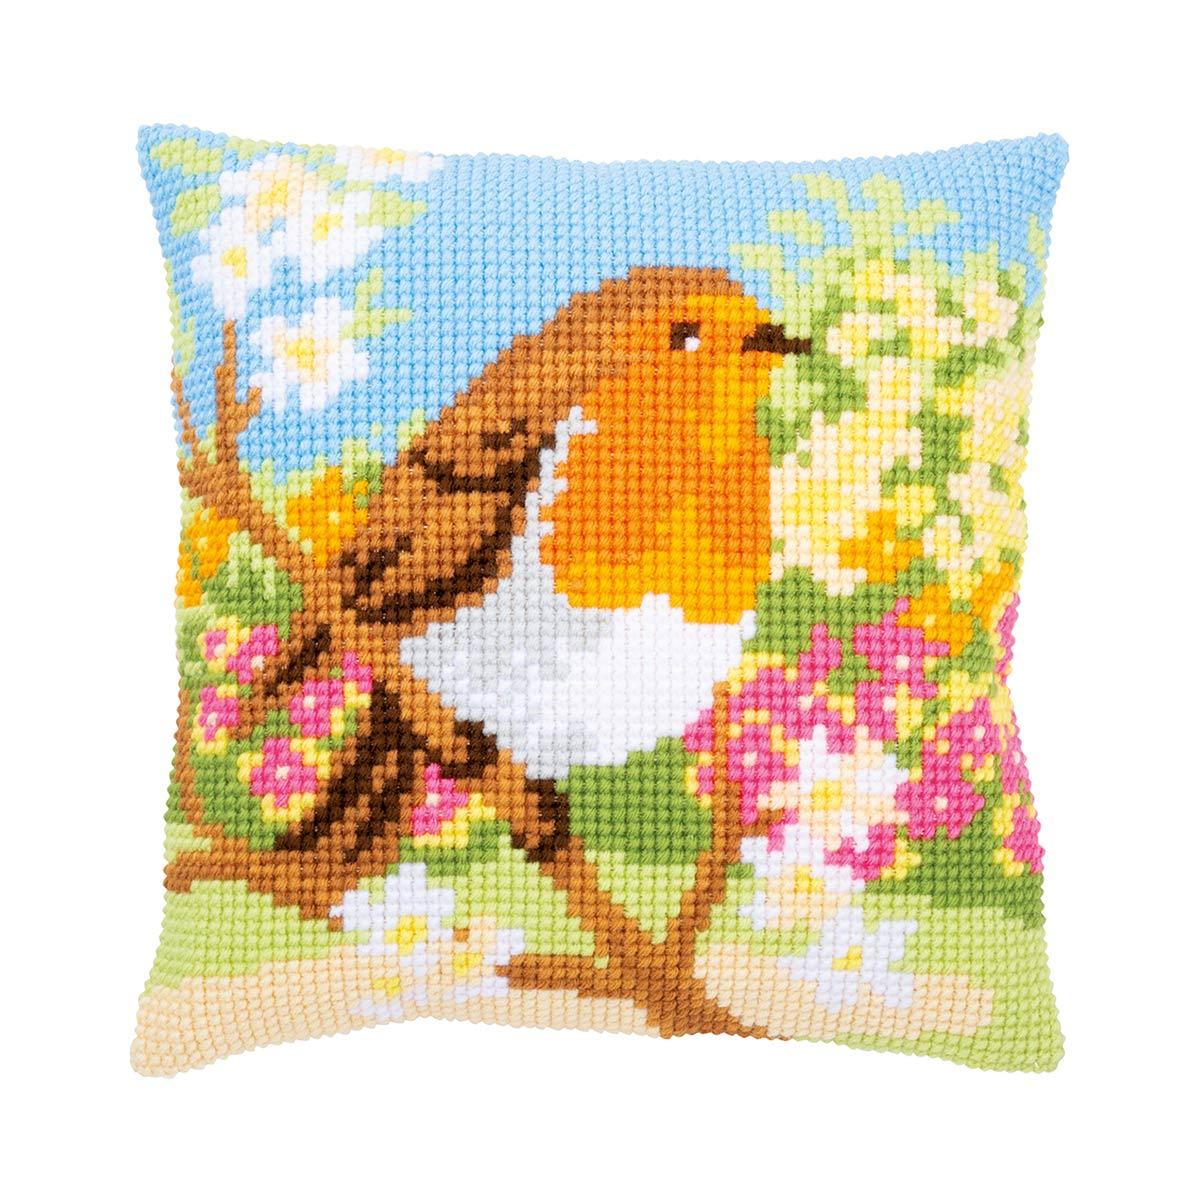 PN-0164299 Набор для вышивания подушки Vervaco 'Зарянка в саду'' 40x40см